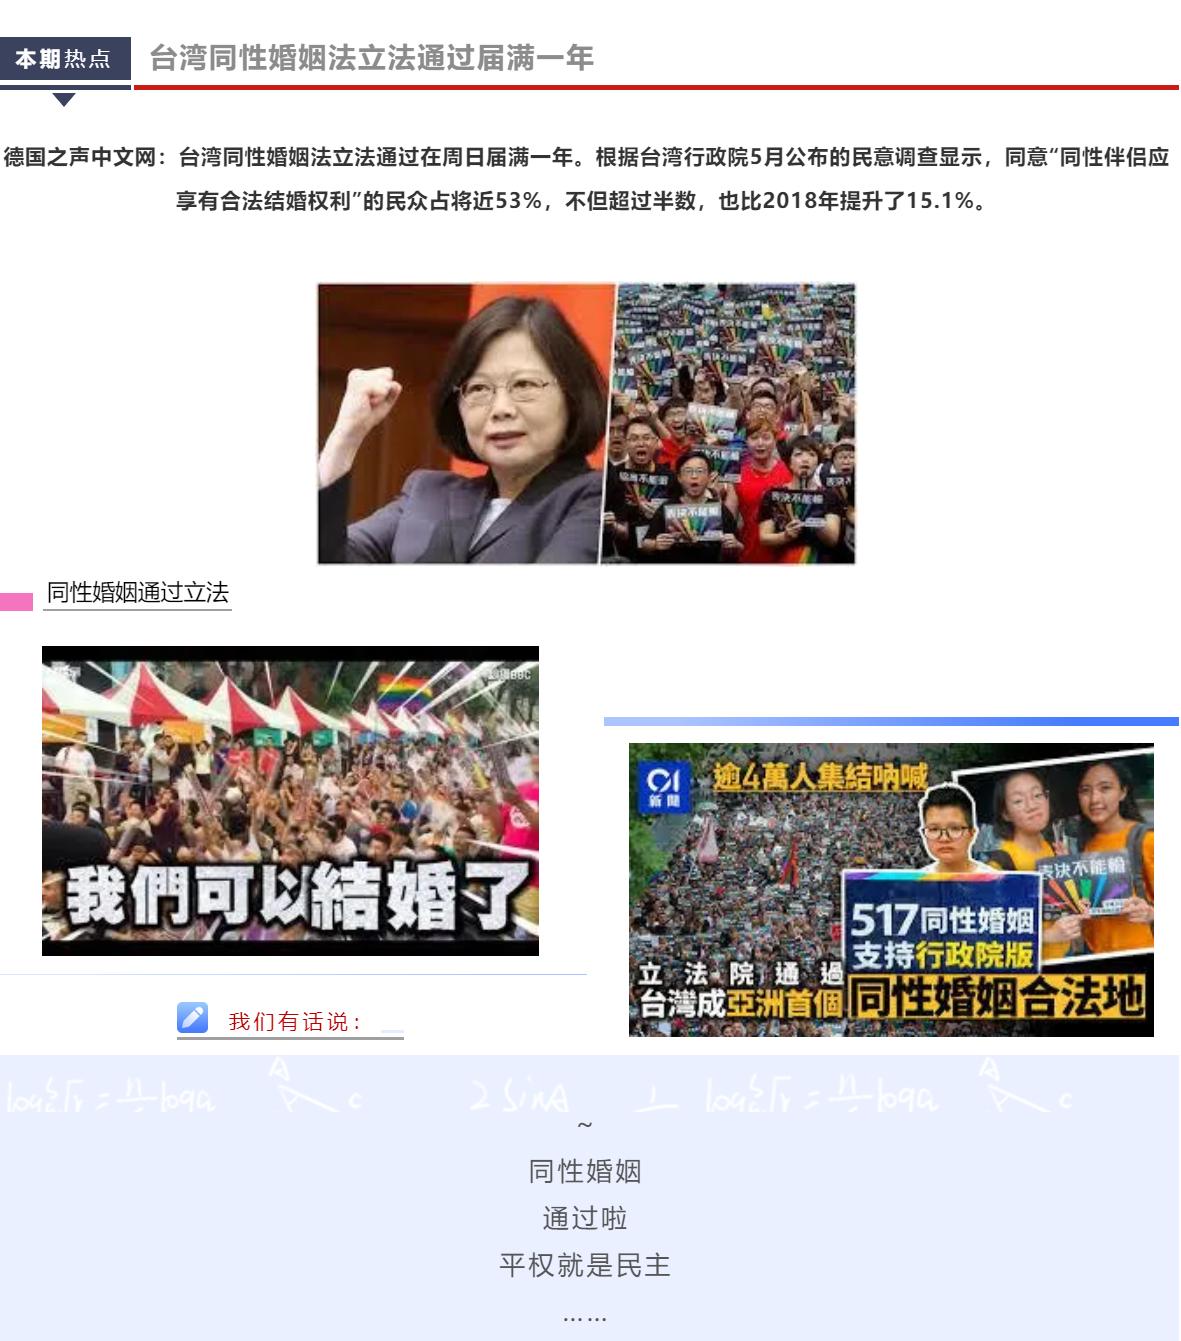 中国同性恋朋友有7000万,同性恋群体做海外试管…